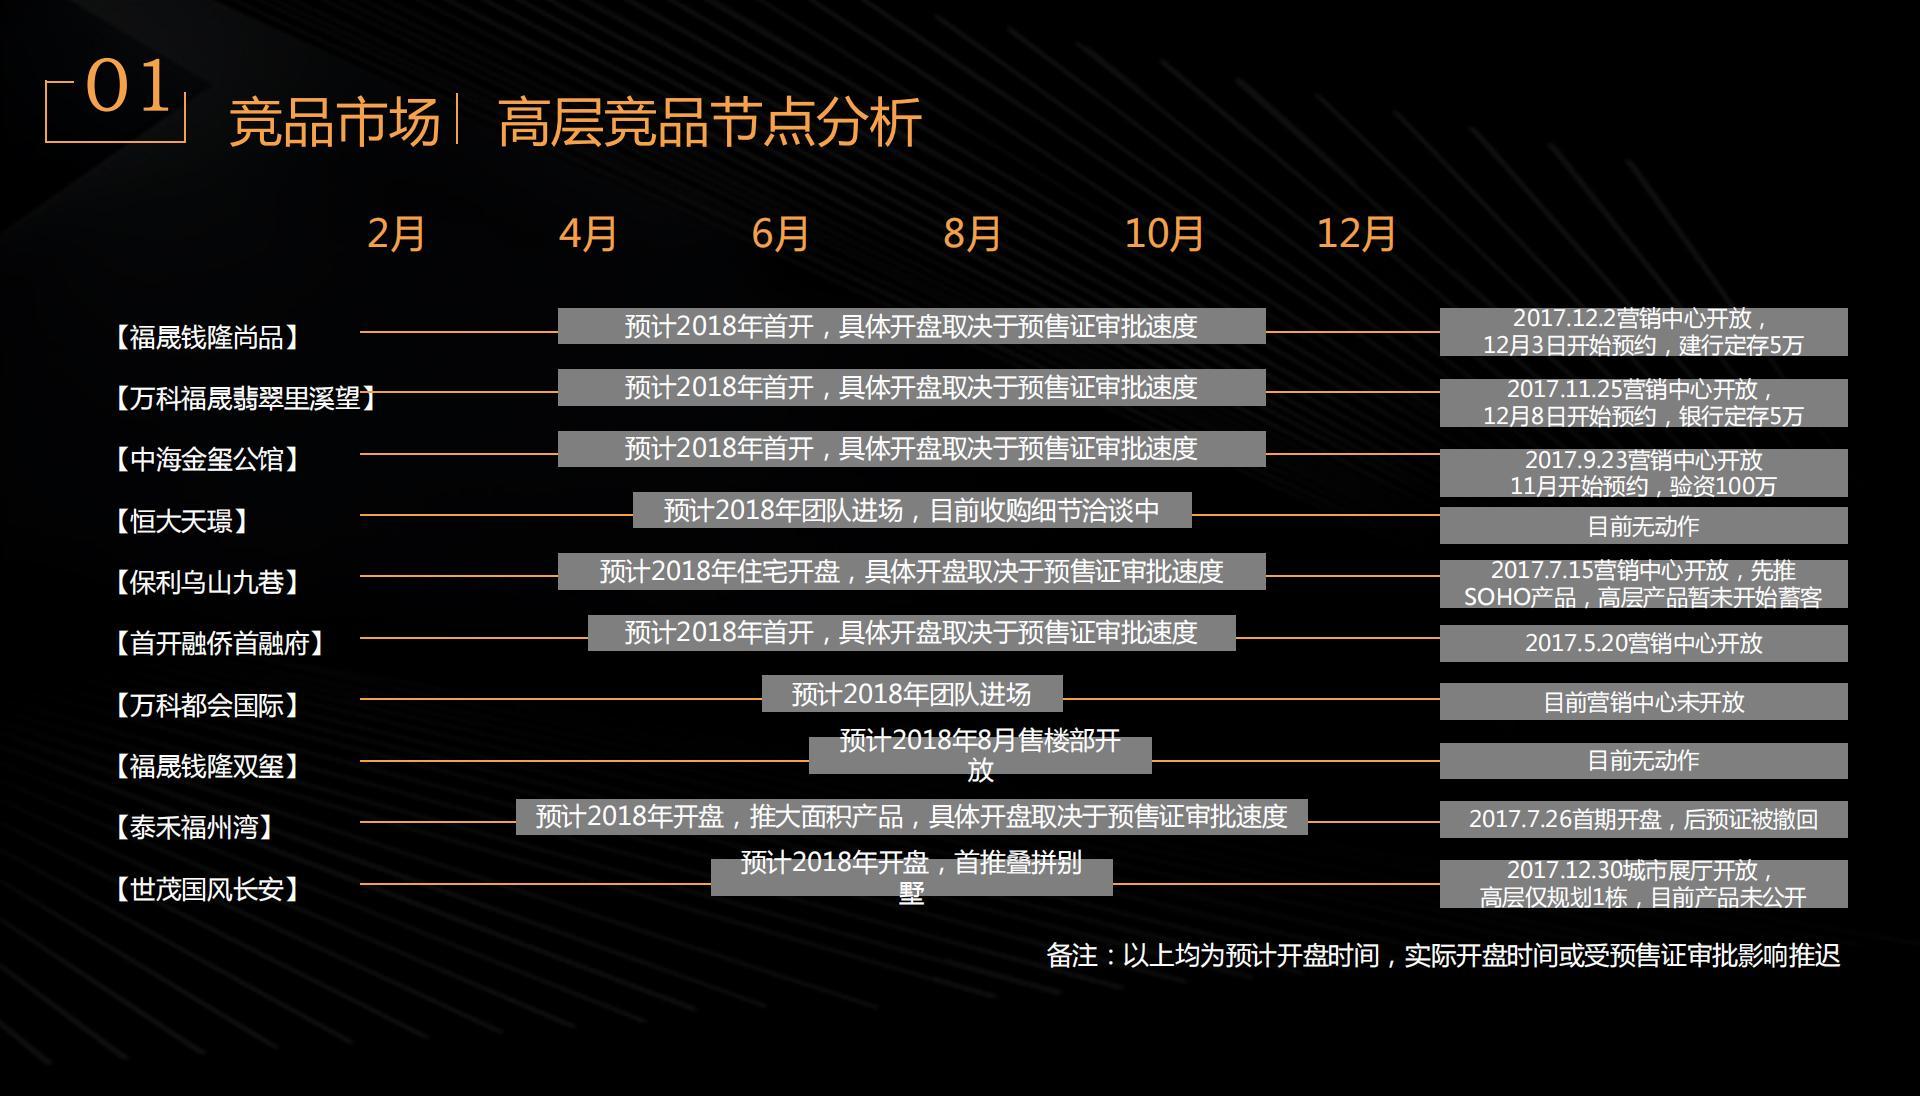 2018融信双杭城项目品牌营销提案,采用何种营销模式完成使命